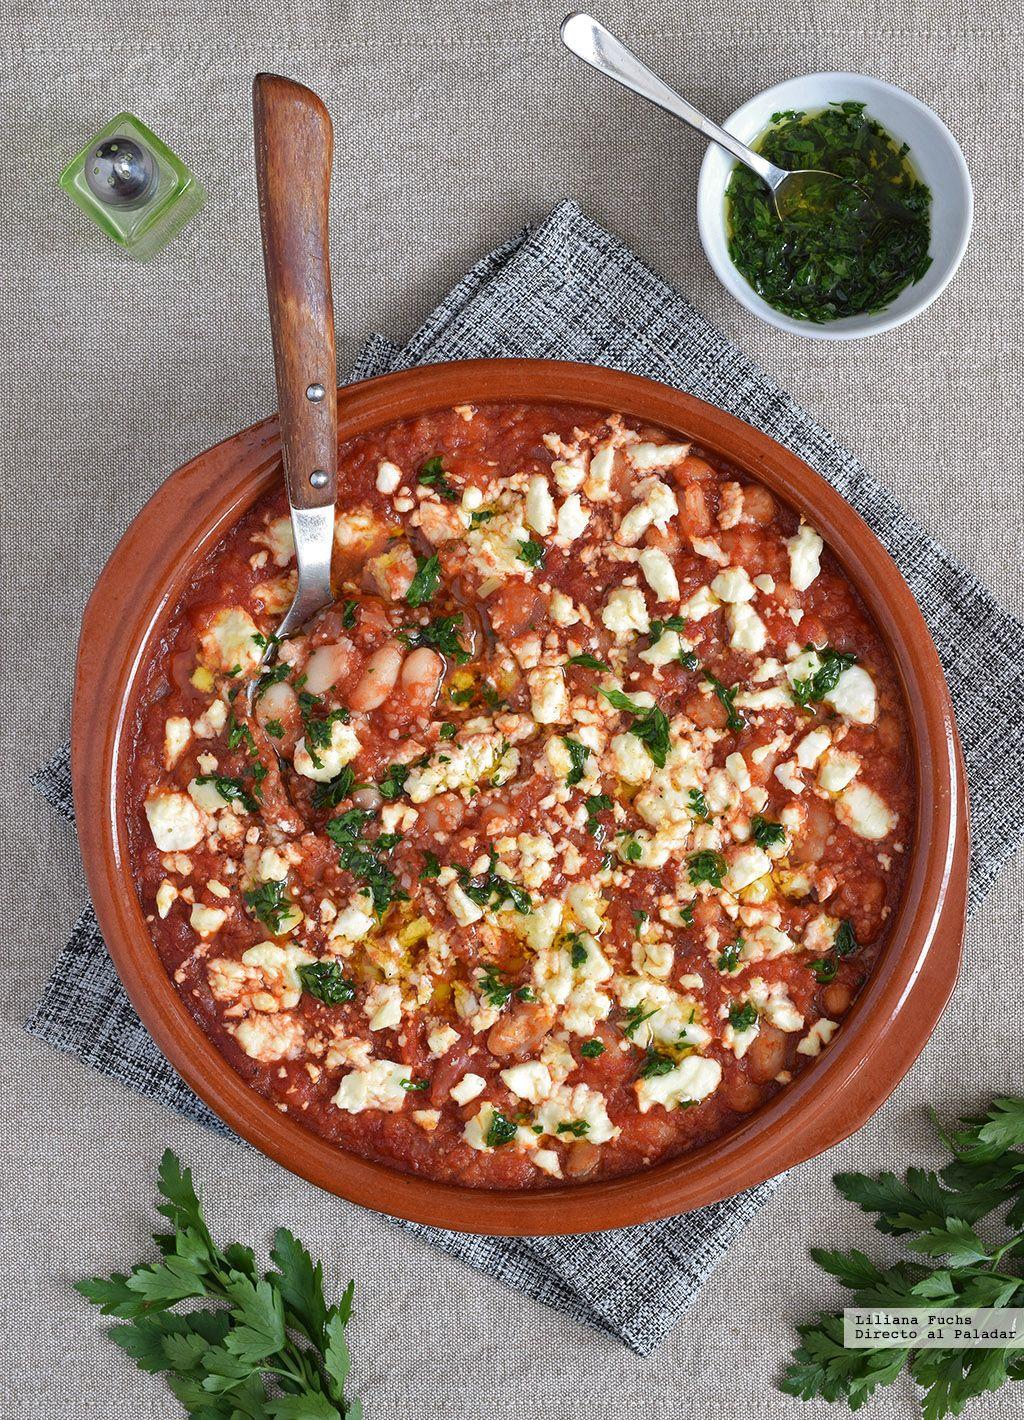 Te explicamos paso a paso, de manera sencilla, la elaboración de la receta de alubias con tomate, cuscús y queso feta. Ingredientes, tiempo de elaboración